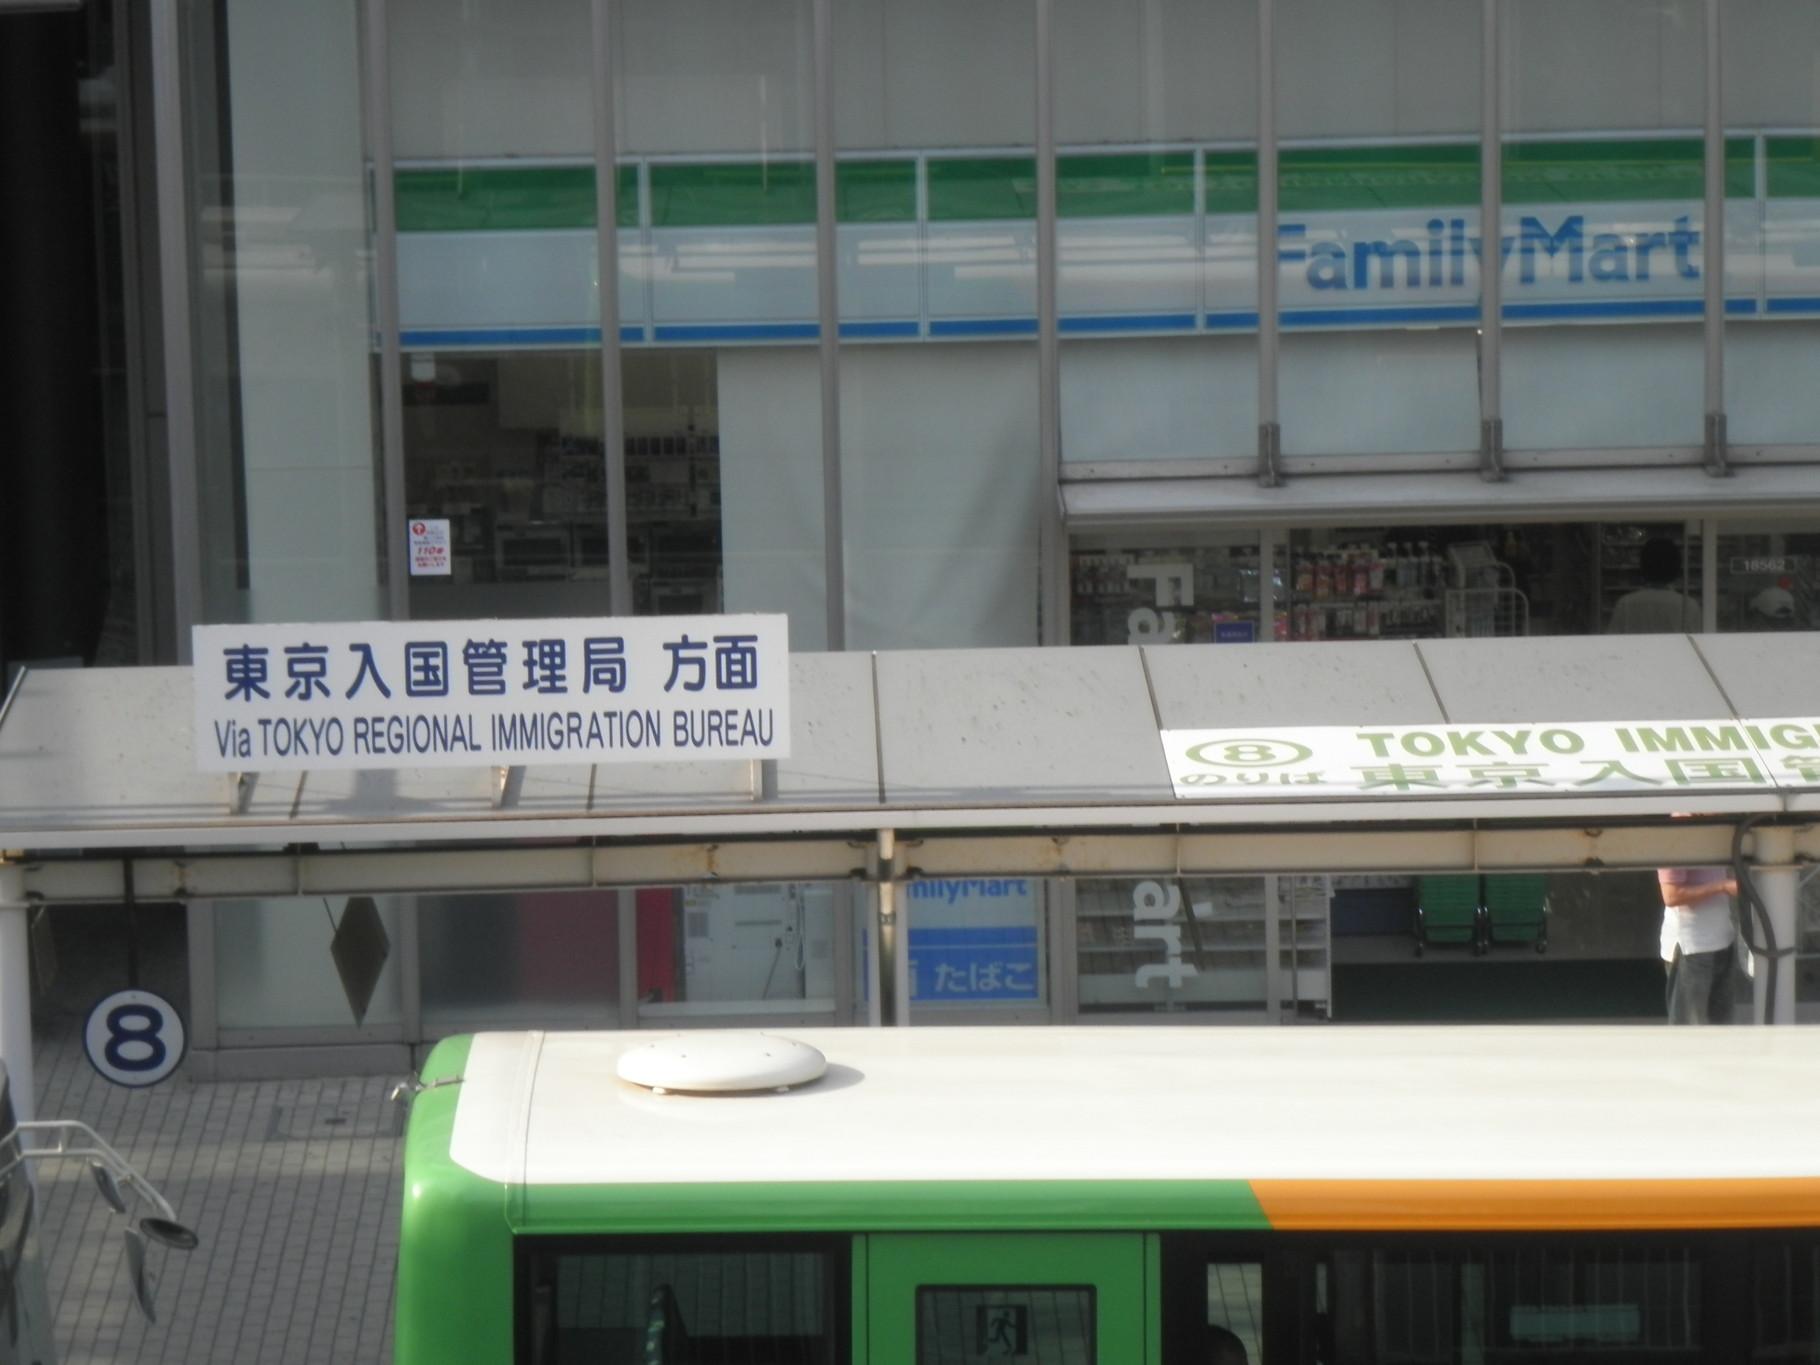 入国管理局 品川 - 東京入国管理...